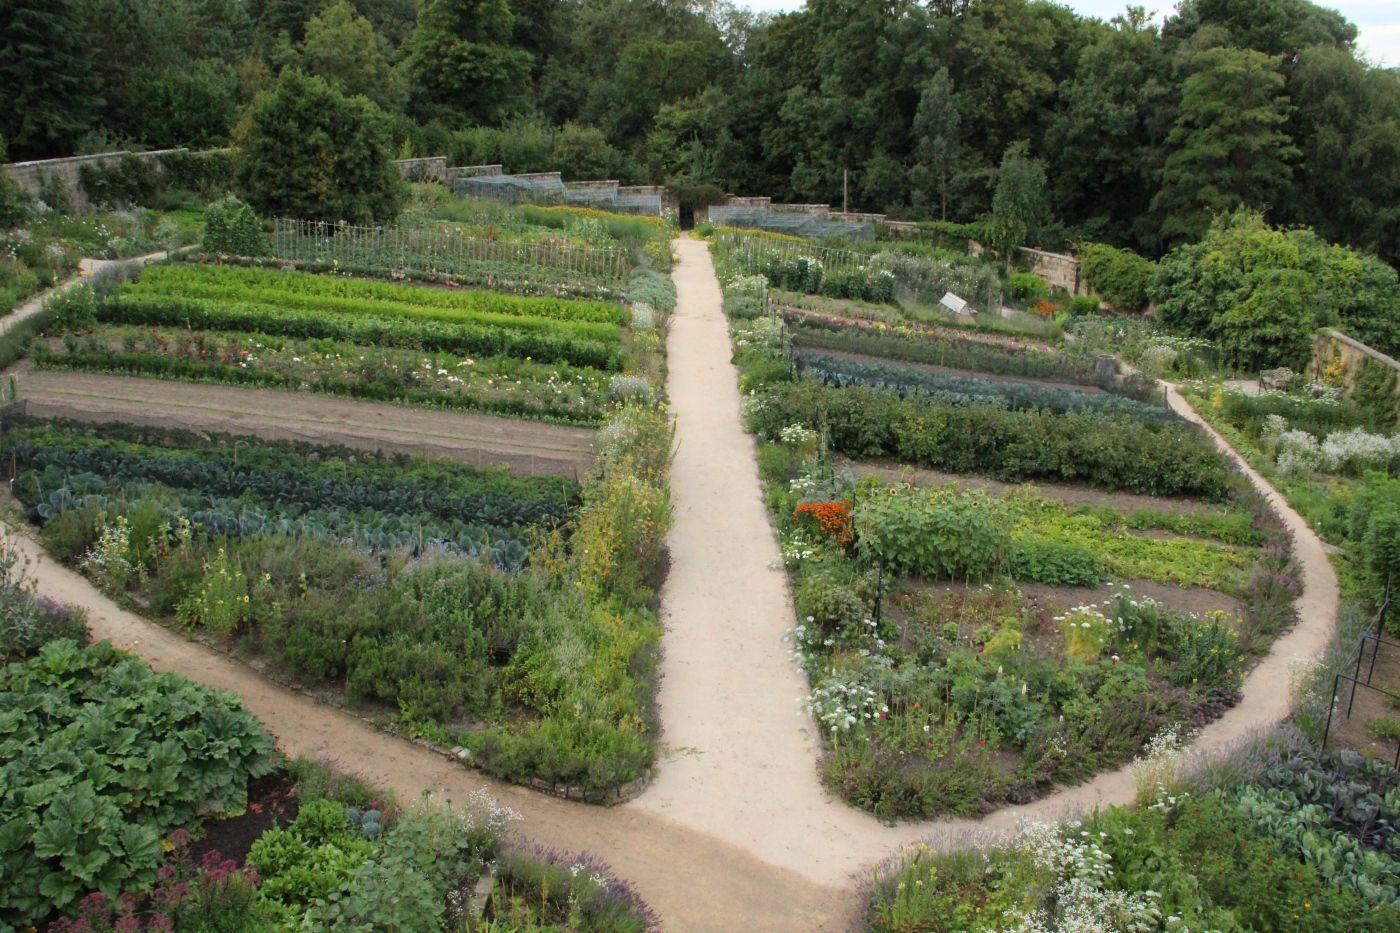 gravetye kitchen garden naturalistic garden kitchen garden on kitchen garden id=79553